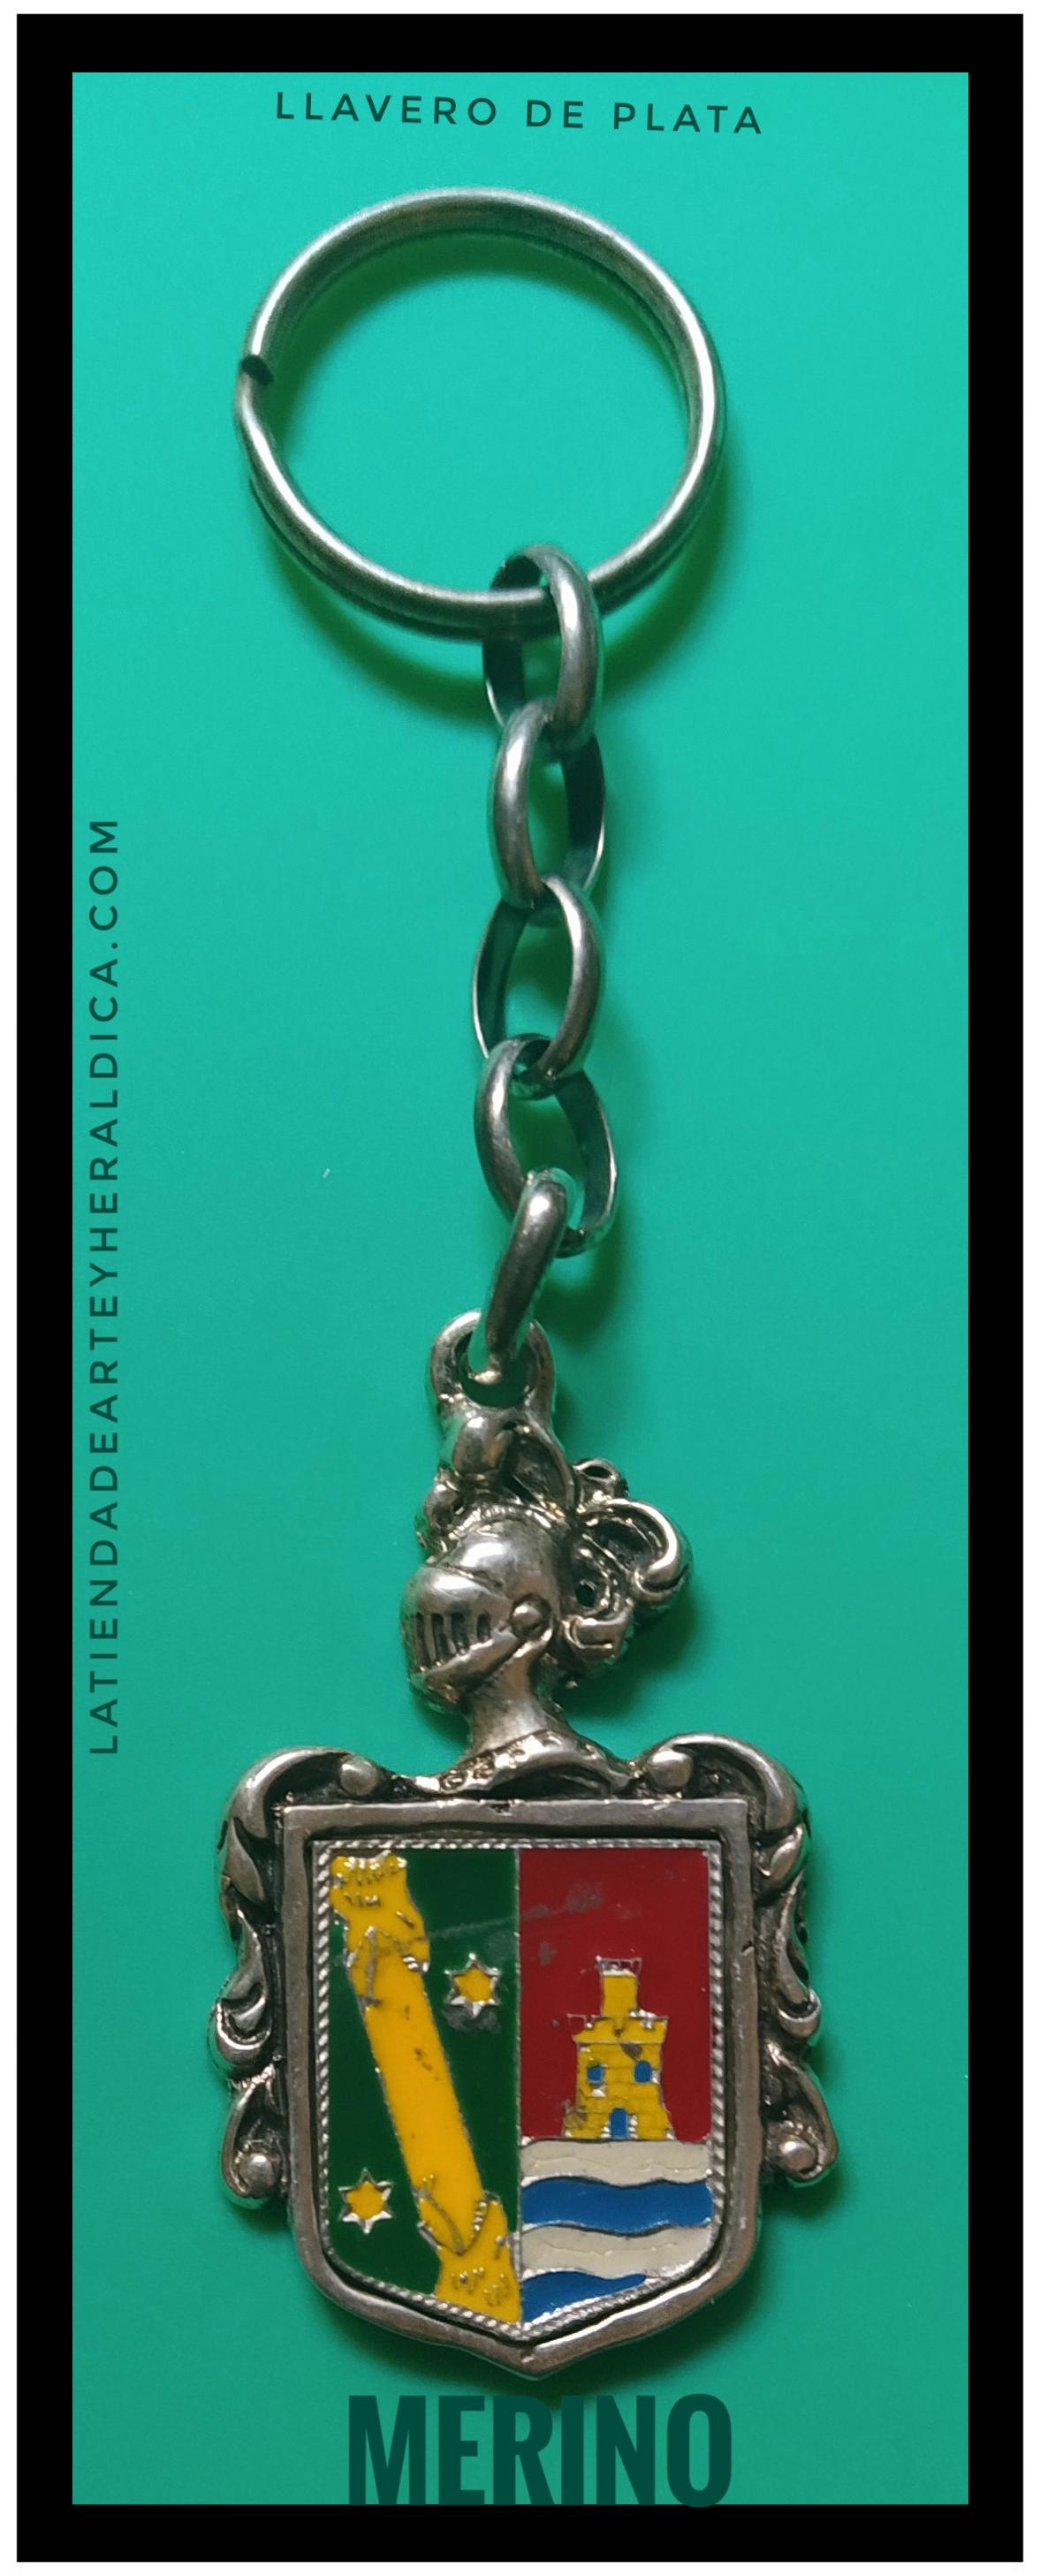 Merino-llavero-de-plata